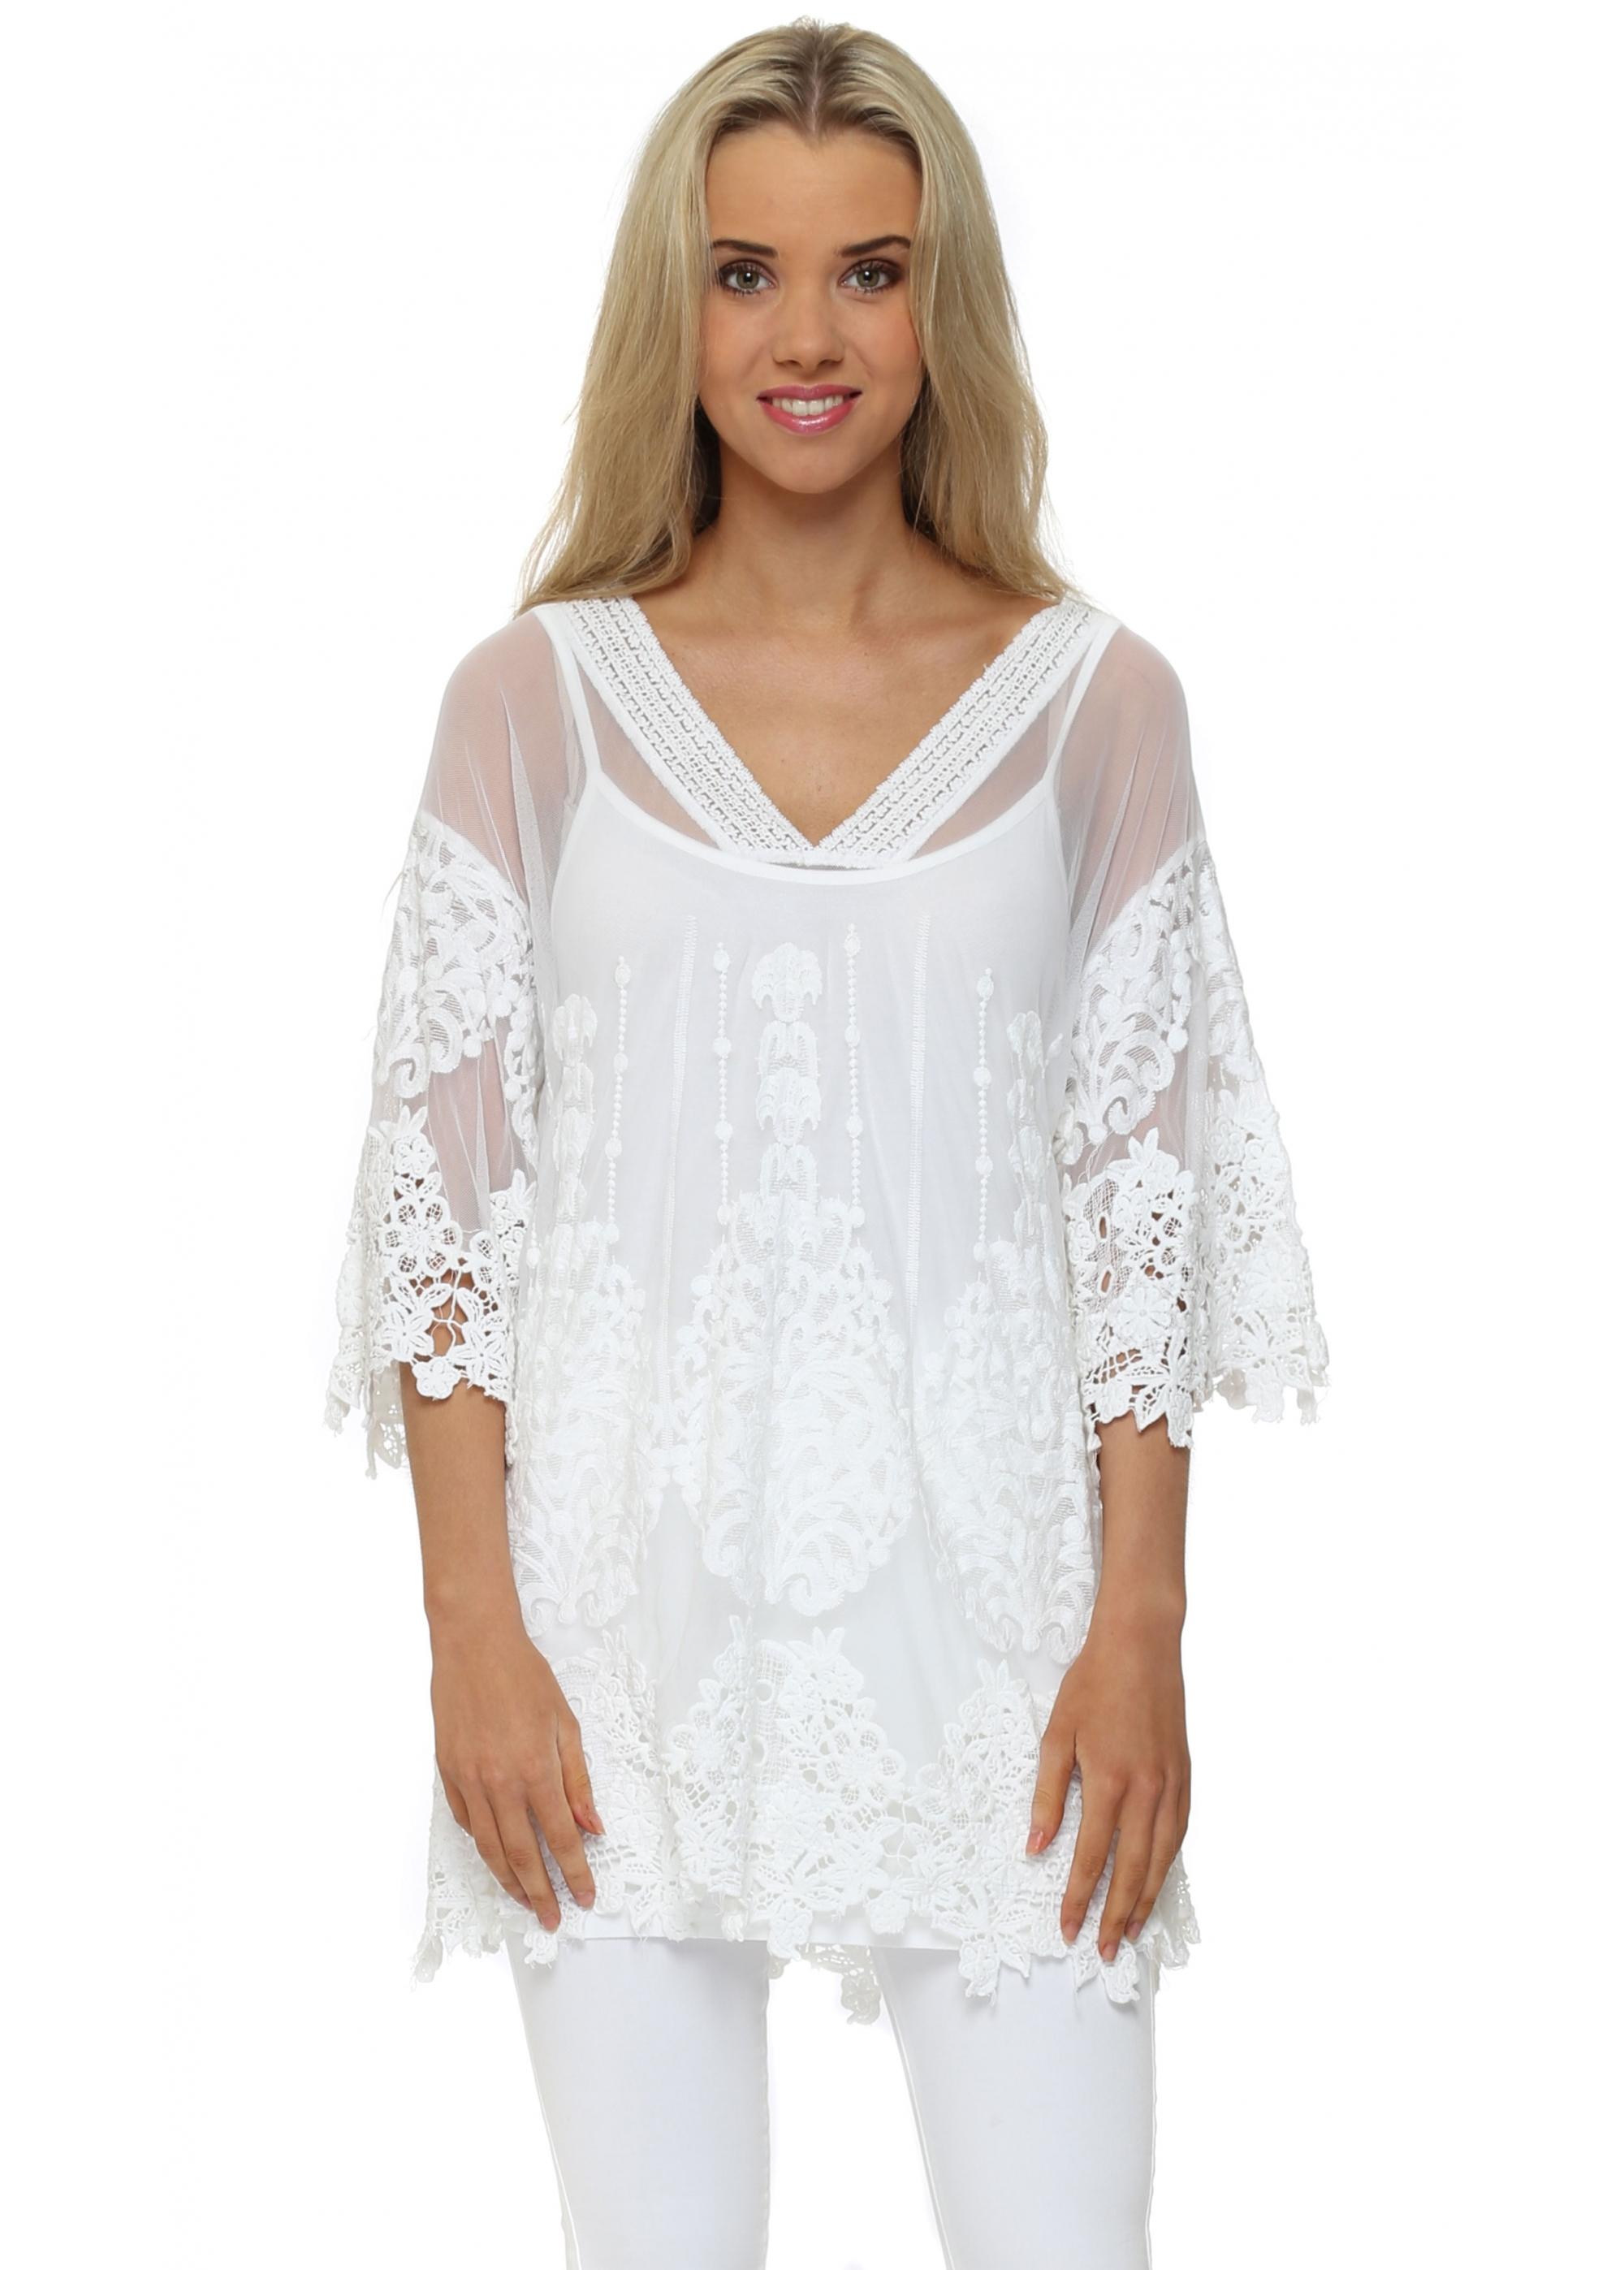 Outlet New Jersey >> J&L Paris - White Lace Tunic Top